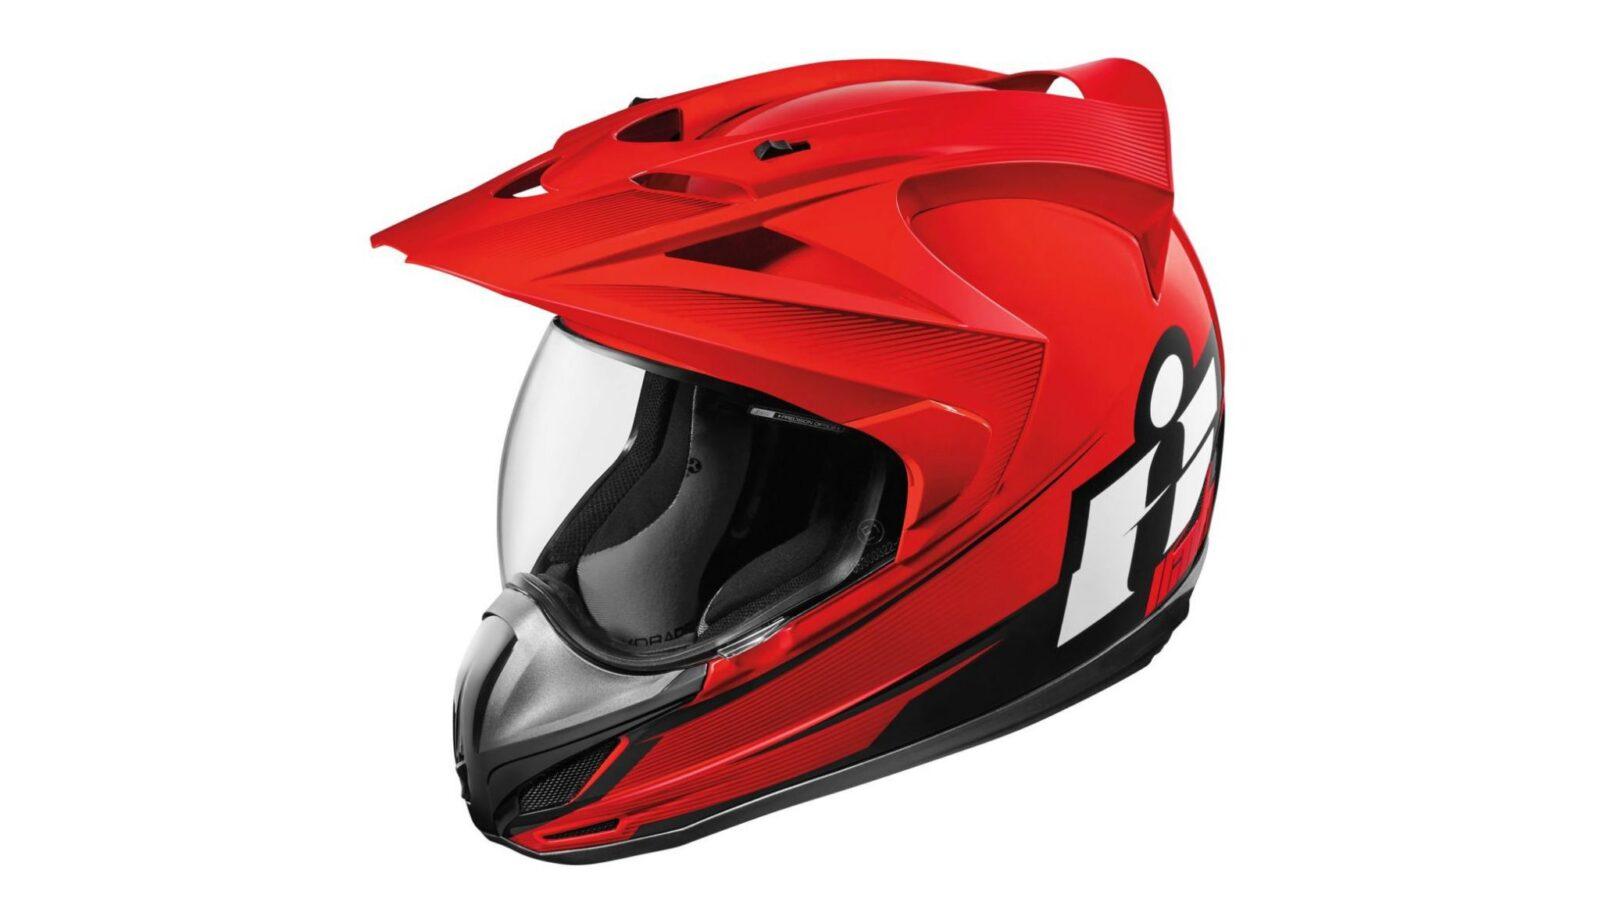 Icon Variant Double Stack Helmet 1600x923 - Icon Variant Double Stack Helmet